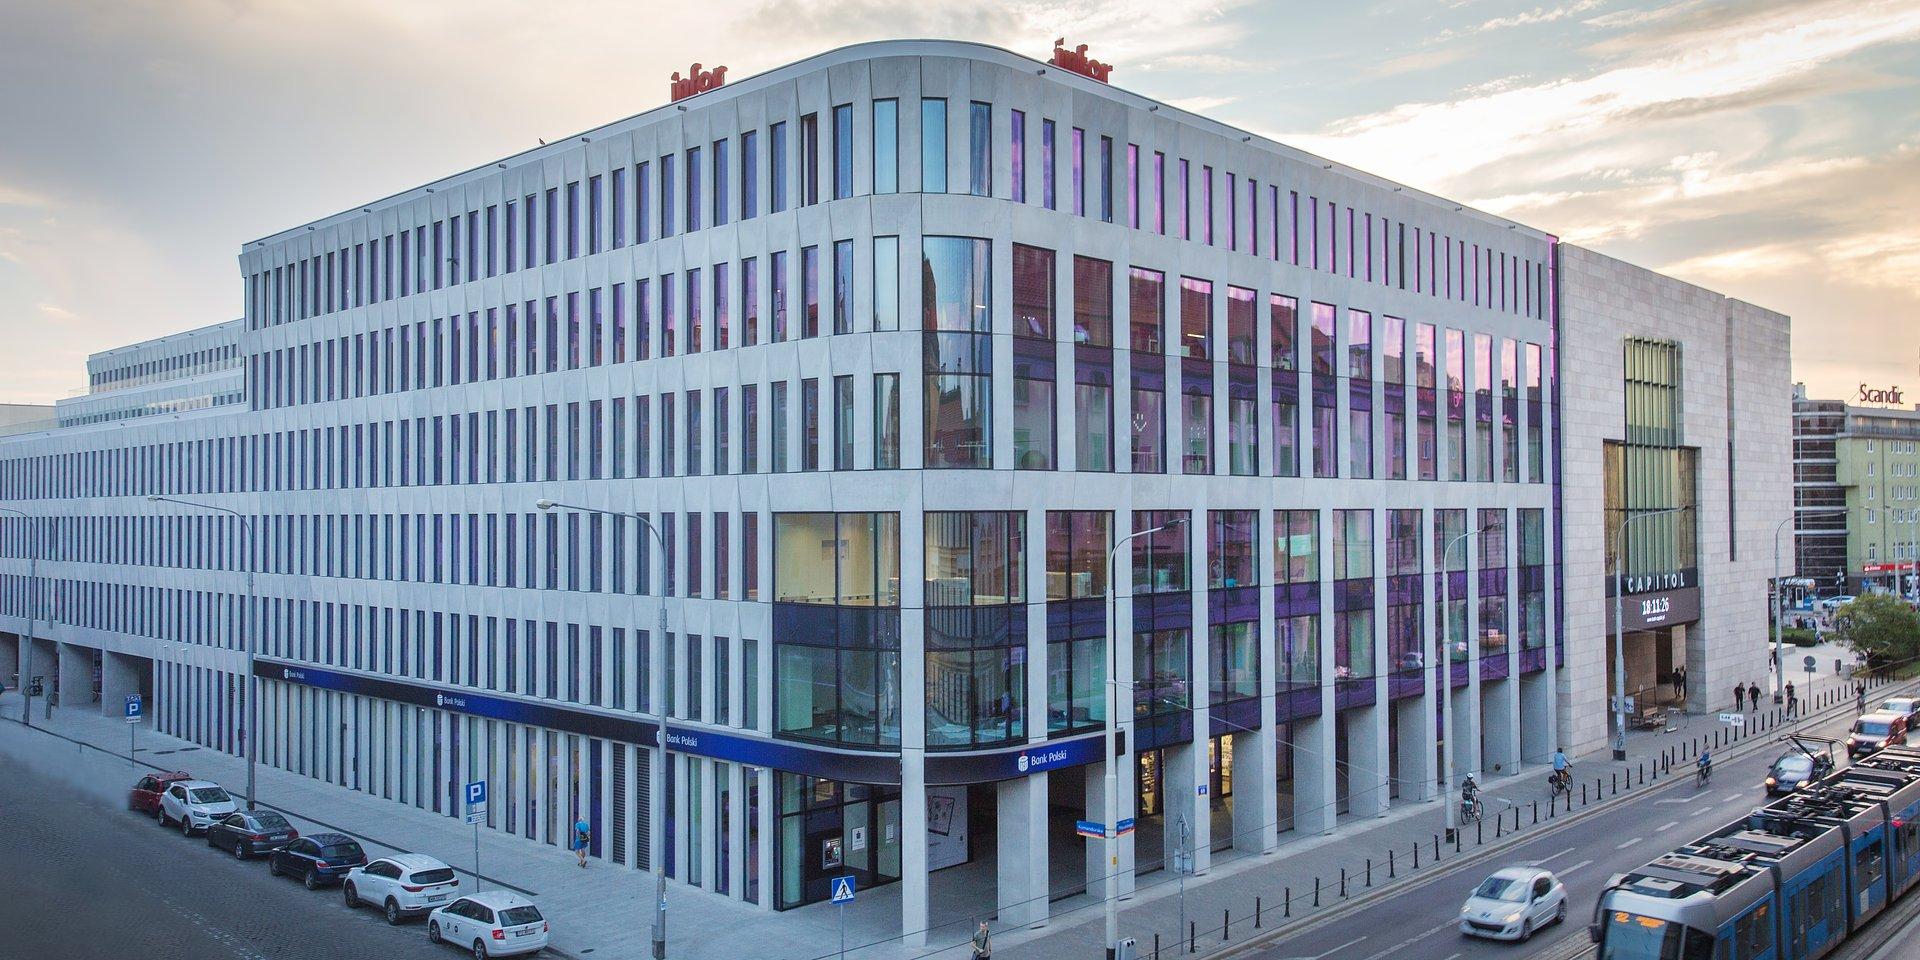 Pół miliona metrów kwadratowych w zarządzaniu Globalworth